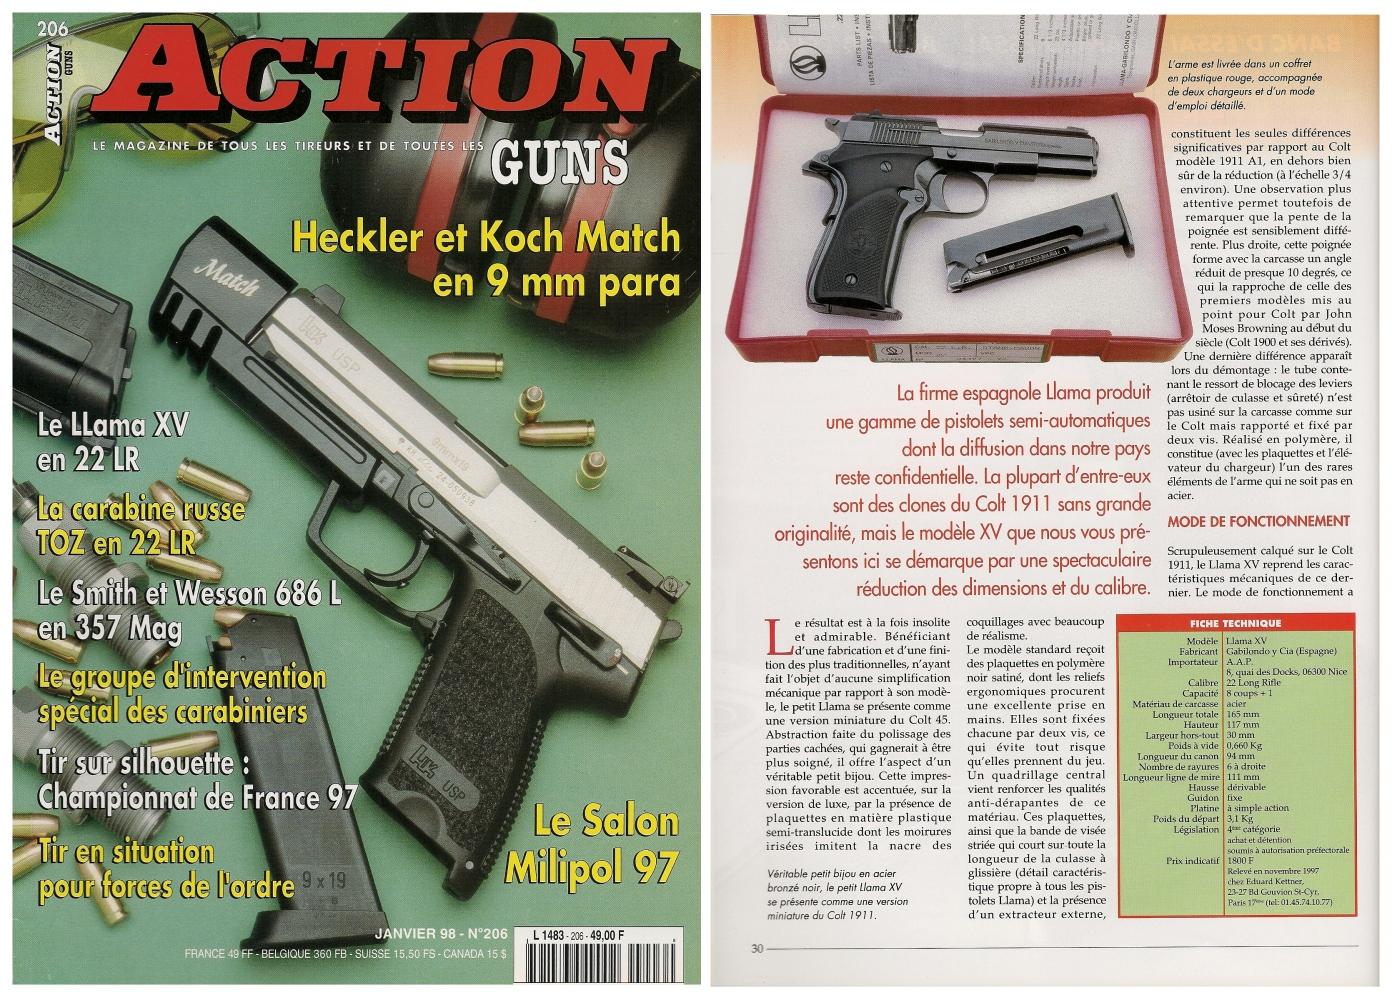 Le banc d'essai du pistolet Llama XV a été publié sur 6 pages dans le magazine Action Guns n° 206 (janvier 1998).